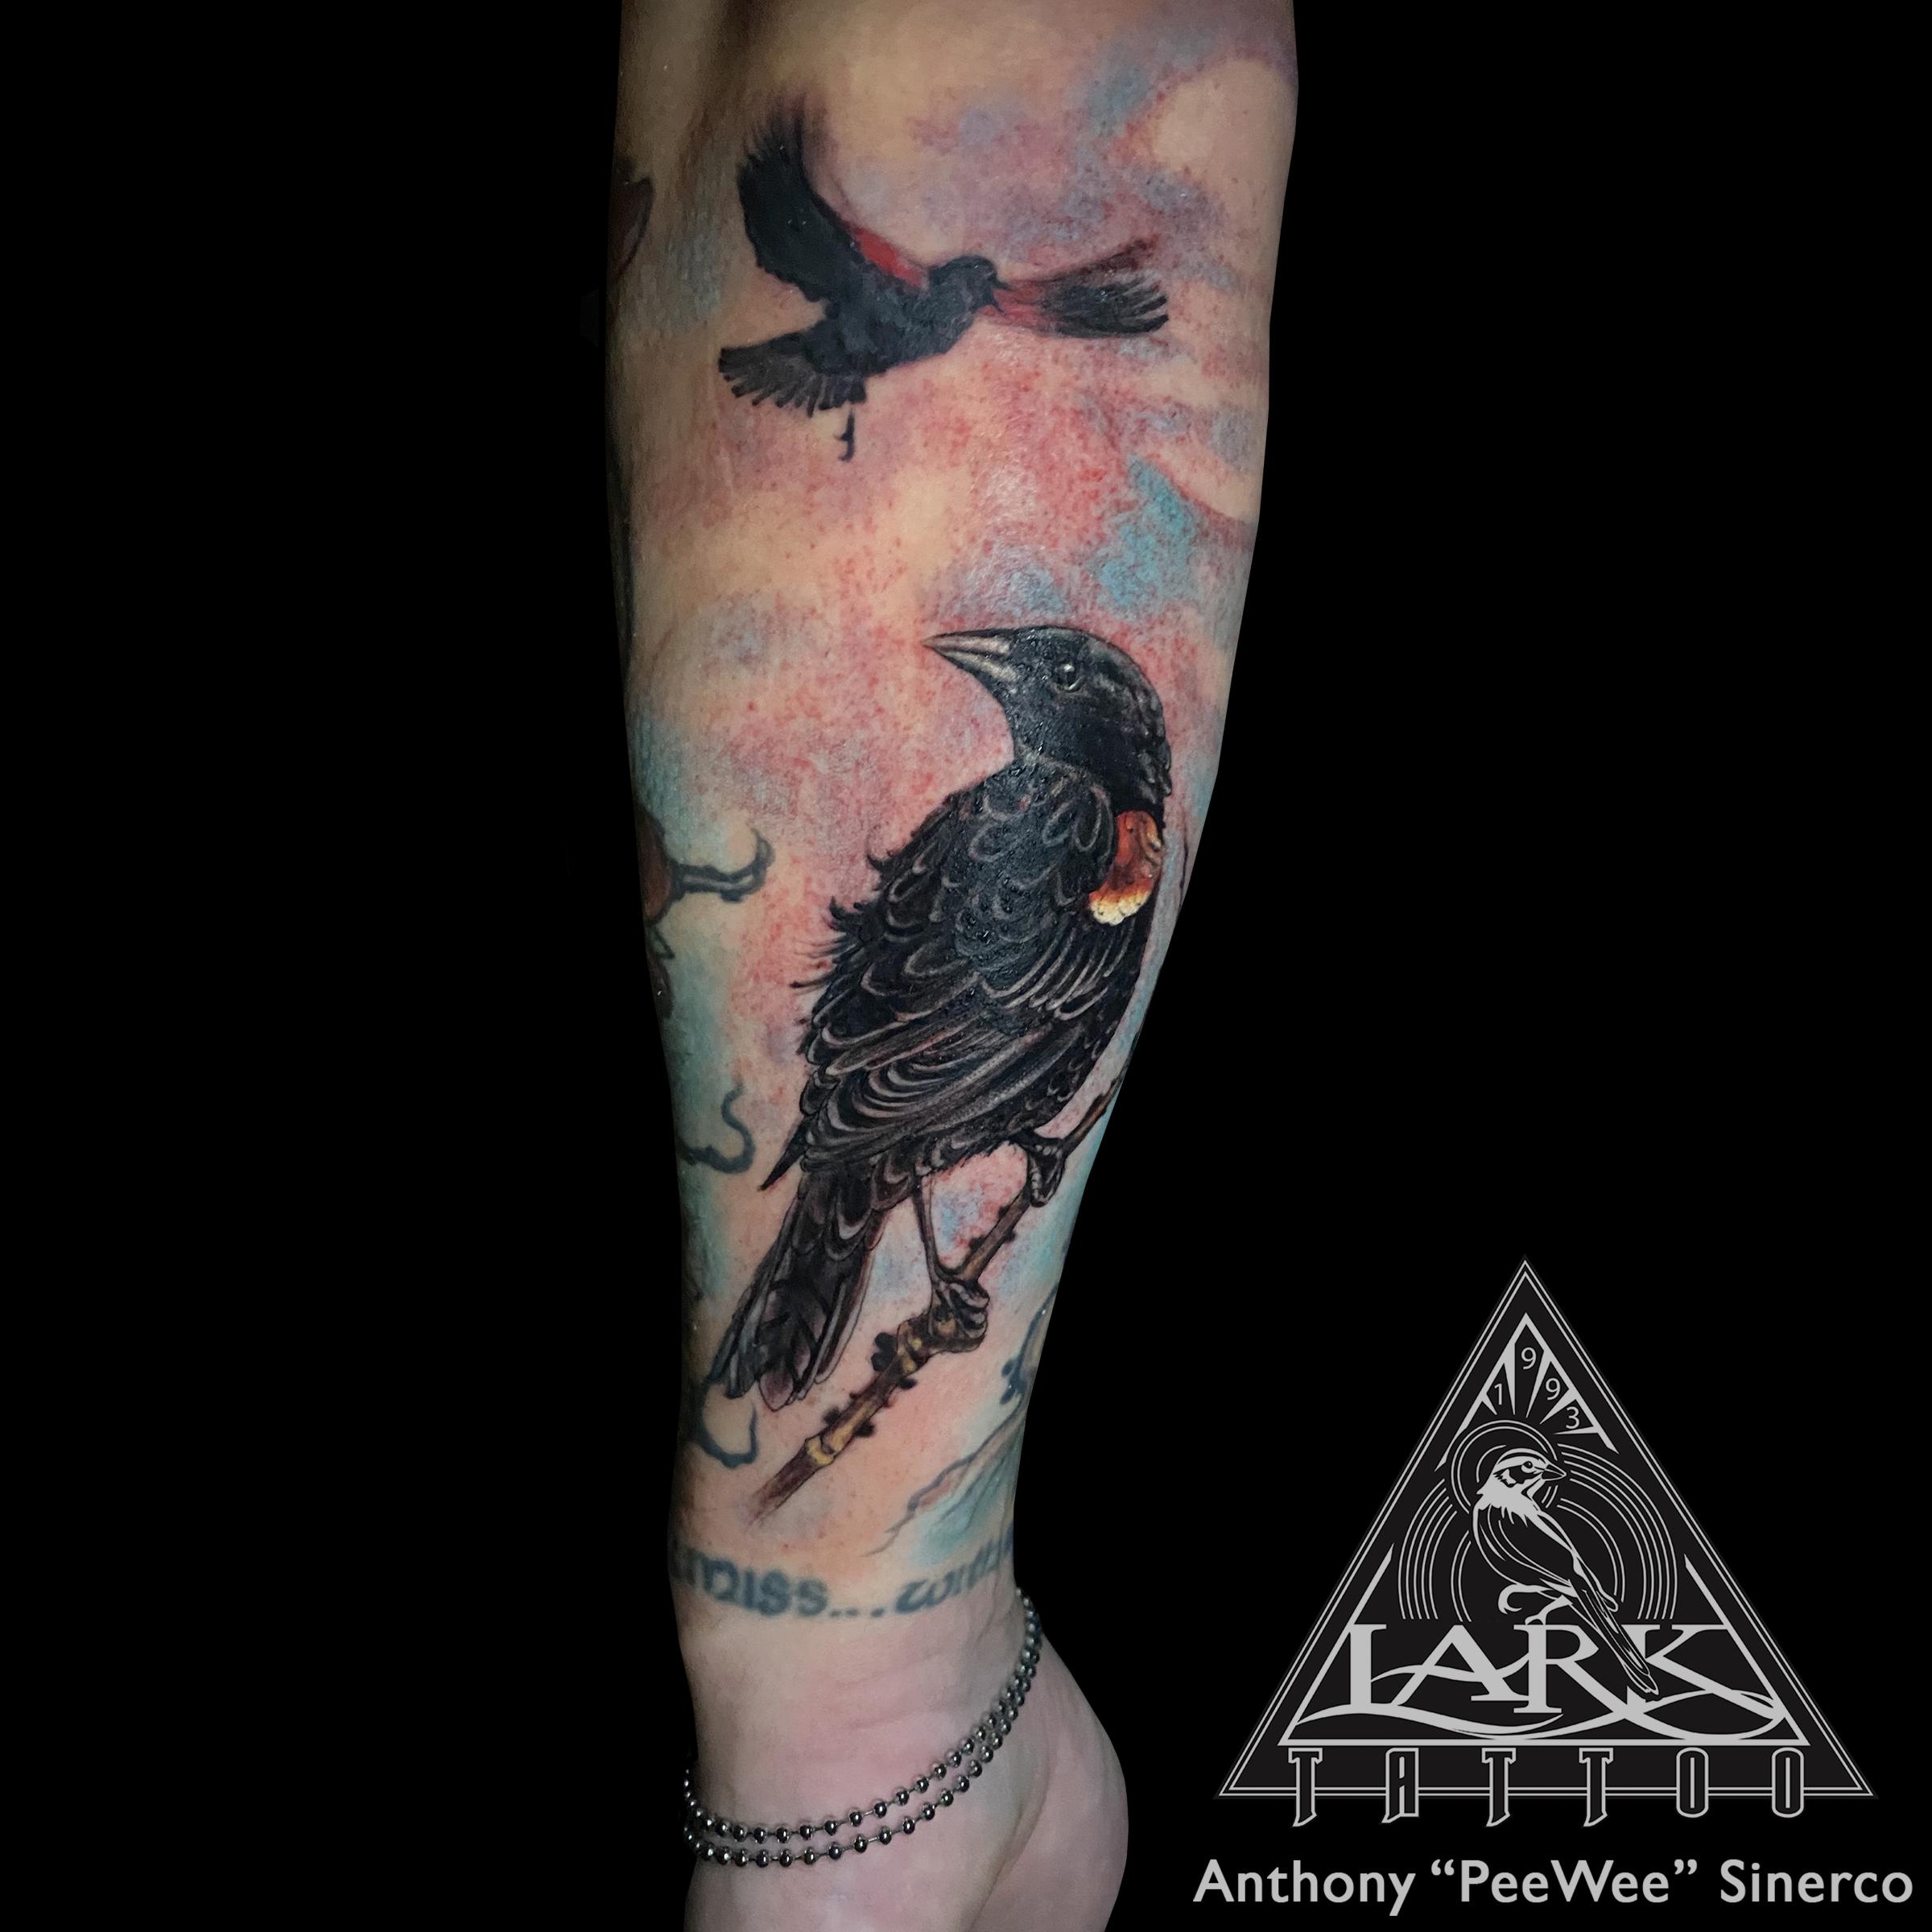 LarkTattoo, PeeWee, PeeWeeLarkTattoo, AnthonyPeeWeeSinerco, AnthonySinerco, Tattoo, Tattoos, Bird, BirdTattoo, Animal, AnimalTattoo, Nature, NatureTattoo, RedWingedBlackbird, RedWingedBlackbirdTattoo, Blackbird, BlackbirdTattoo, AgelaiusPhoeniceus, AgelaiusPhoeniceusTattoo, ColorTattoo, TattooArtist, Tattoist, Tattooer, LongIslandTattooArtist, LongIslandTattooer, LongIslandTattoo, TattooOfTheDay, LarkTattooWestbury, Westbury, LongIsland, Tat, Tats, Tatts, Tatted, Inked, Ink, TattooInk, AmazingInk, AmazingTattoo, BodyArt , NY, NewYork, USA, Art, Tattedup, InkedUp, LarkTattoos